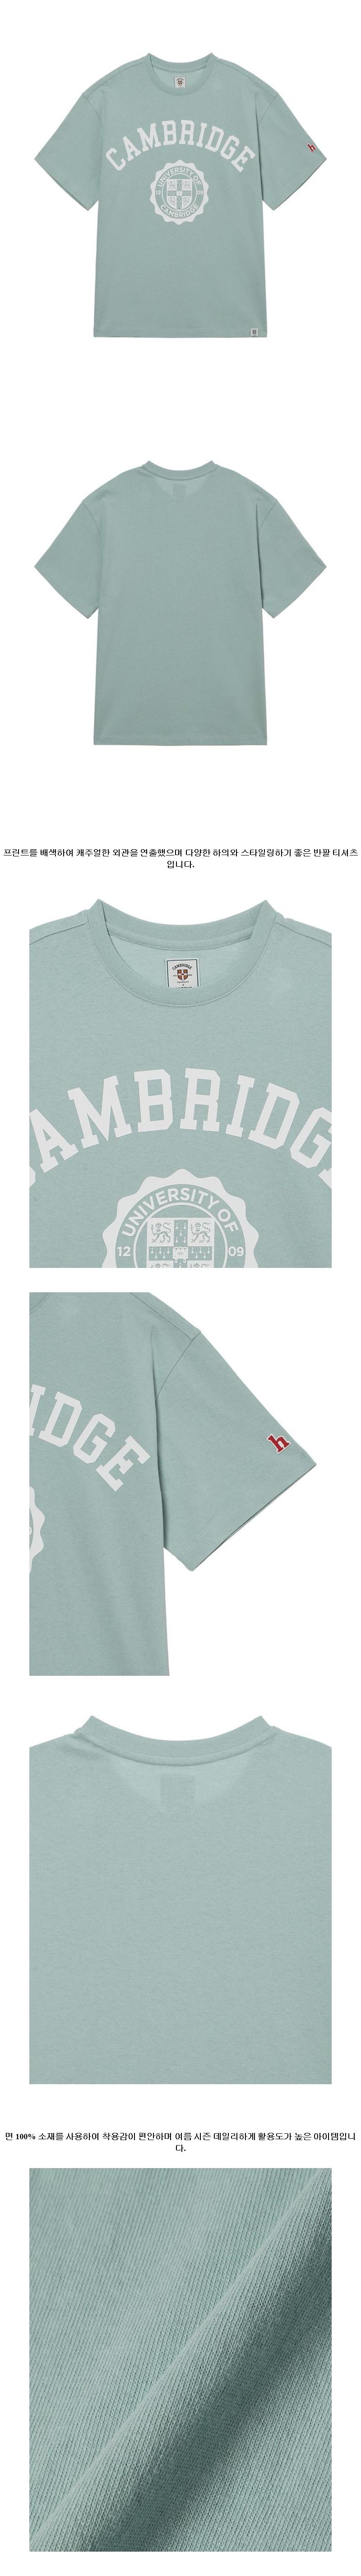 헤지스(HAZZYS) [HIS X CAMBRIDGE]그린 레터링 솔리드 반팔 티셔츠